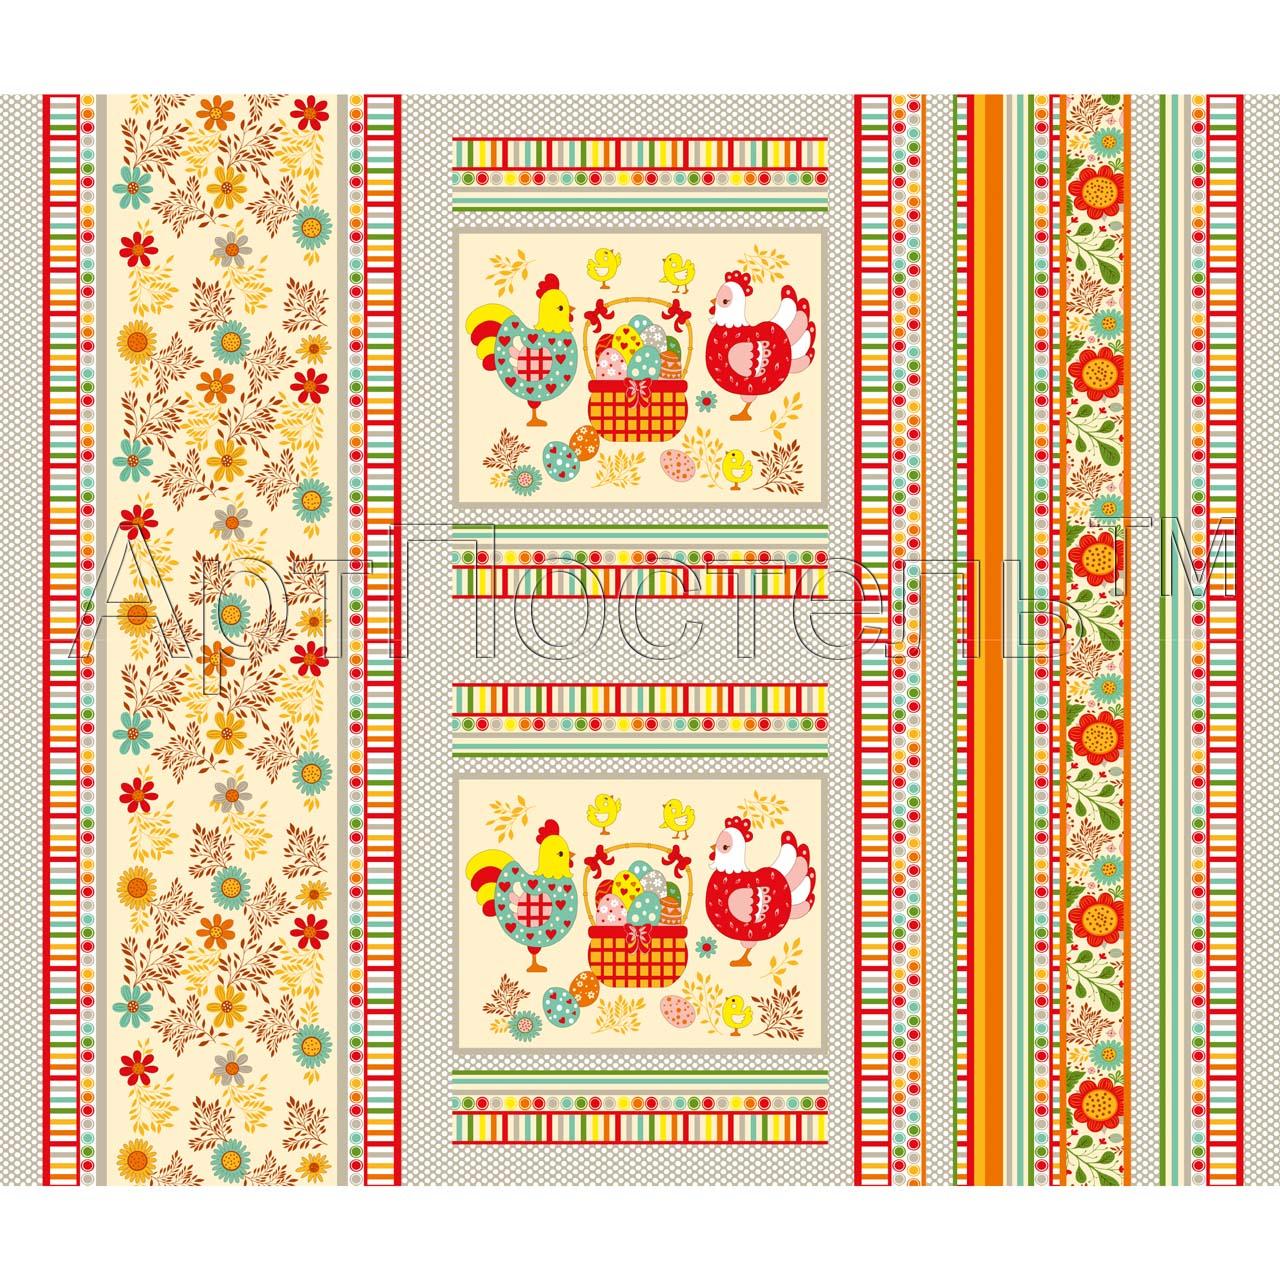 Набор полотенец Золотой петушок р. 45х60Вафельные полотенца<br>Плотность:160 г/кв. м<br><br>Тип: Набор полотенец<br>Размер: 45х60<br>Материал: Вафельное полотно